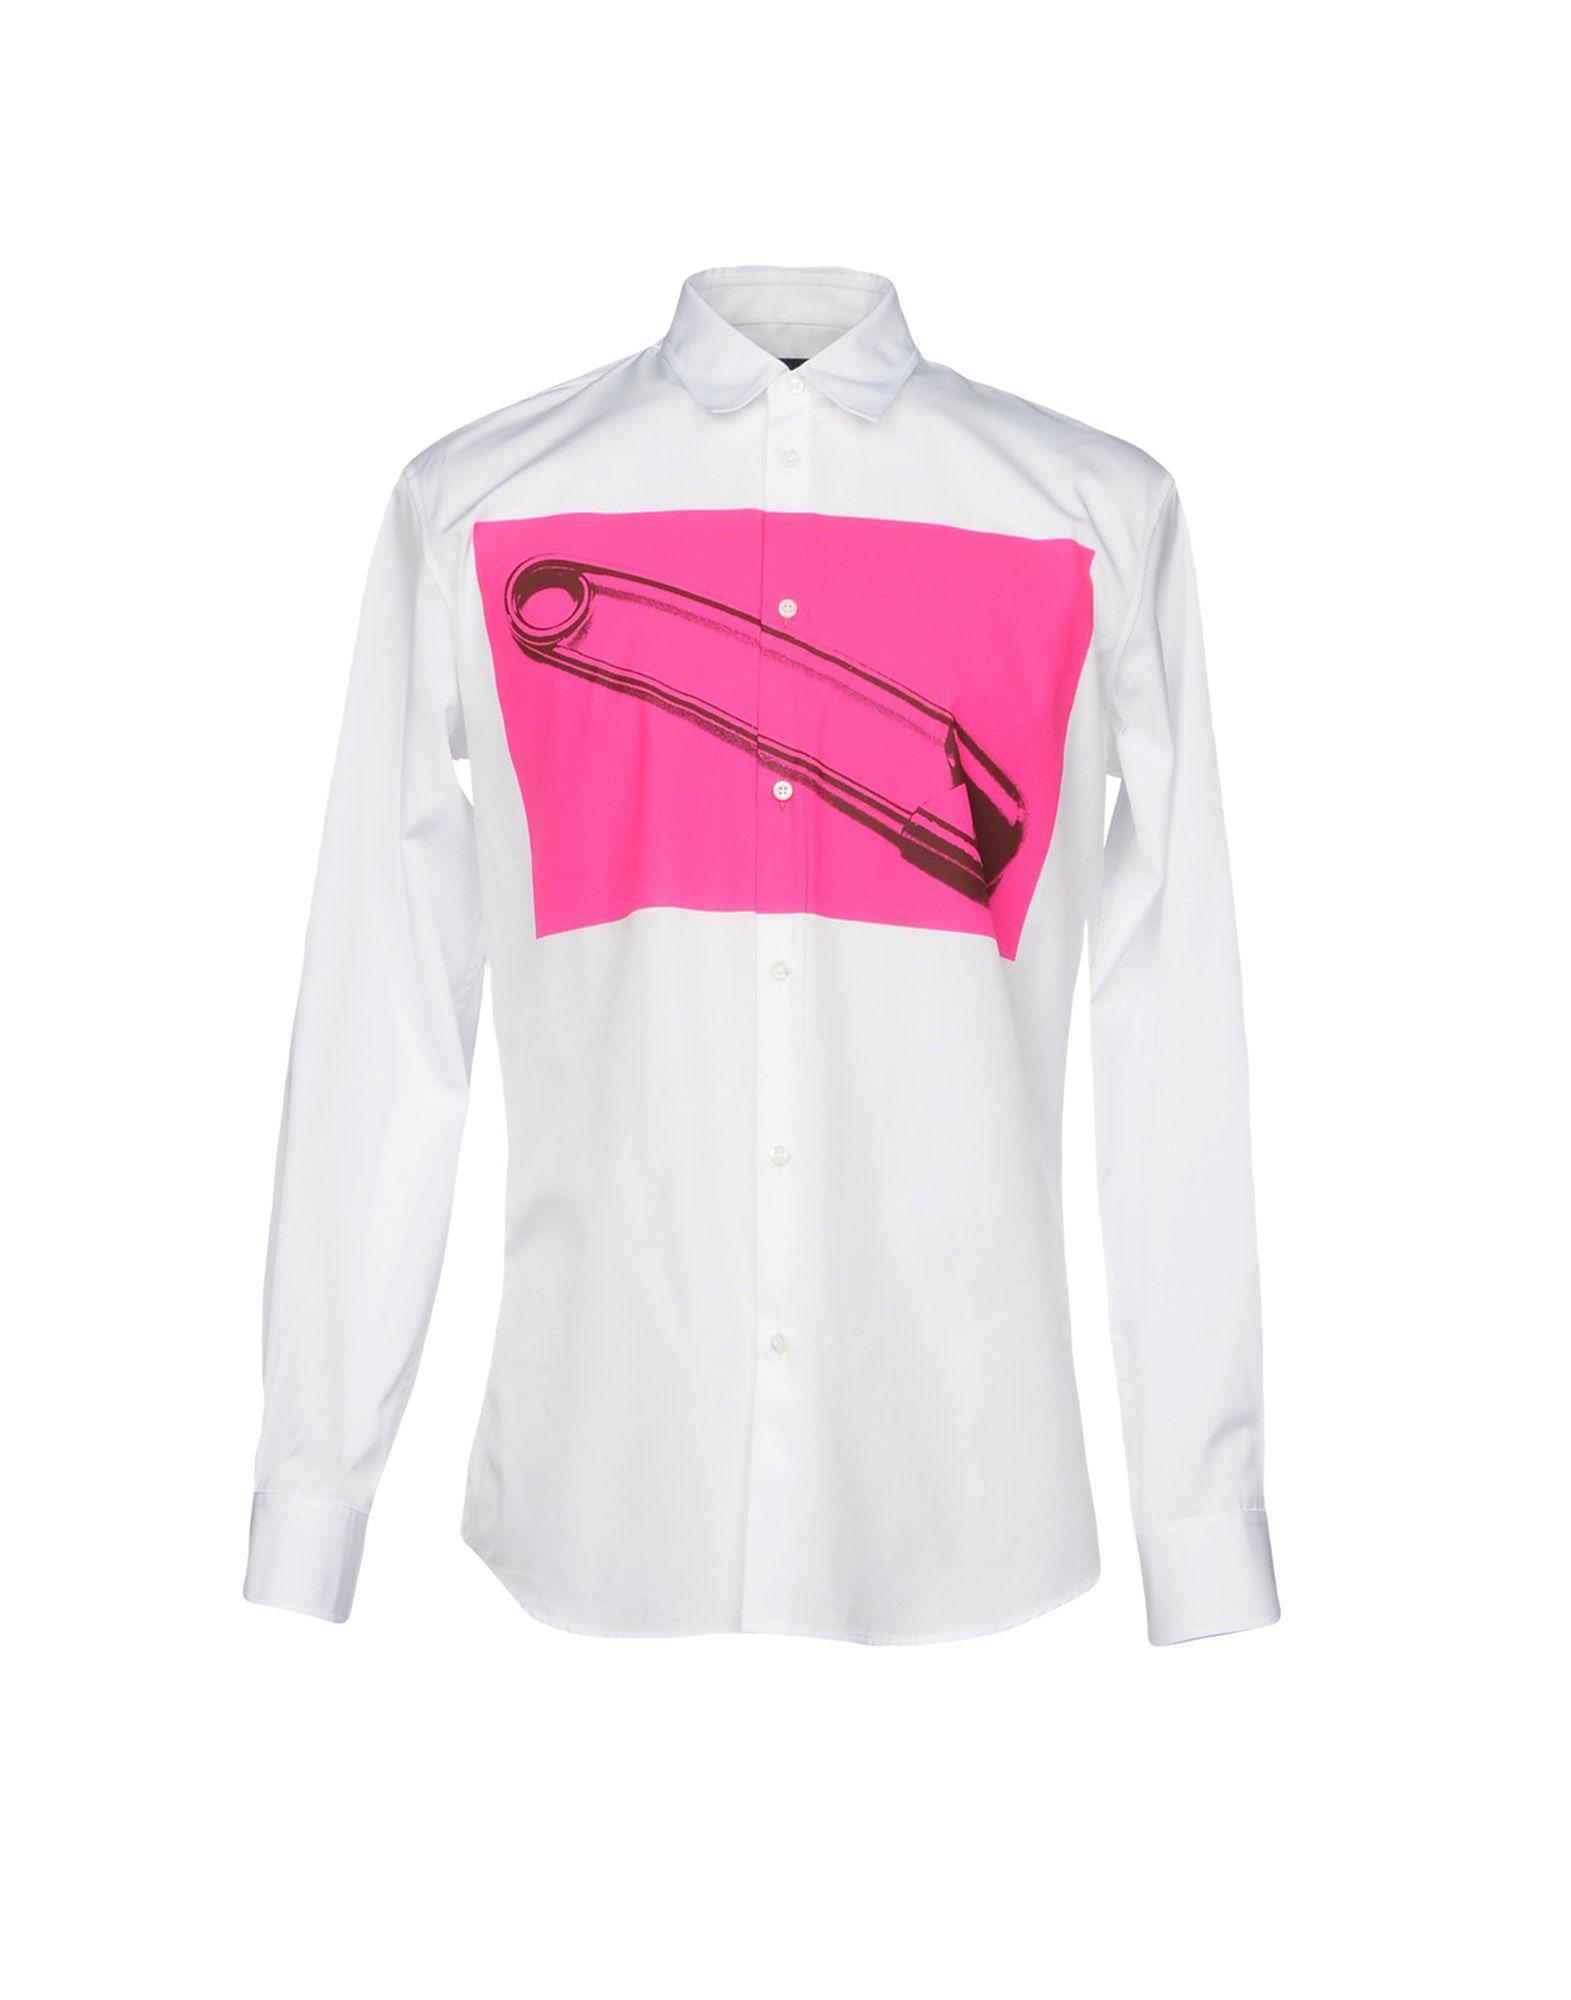 DSQUARED2 Herren Hemd Farbe Weiß Größe 5 - broschei